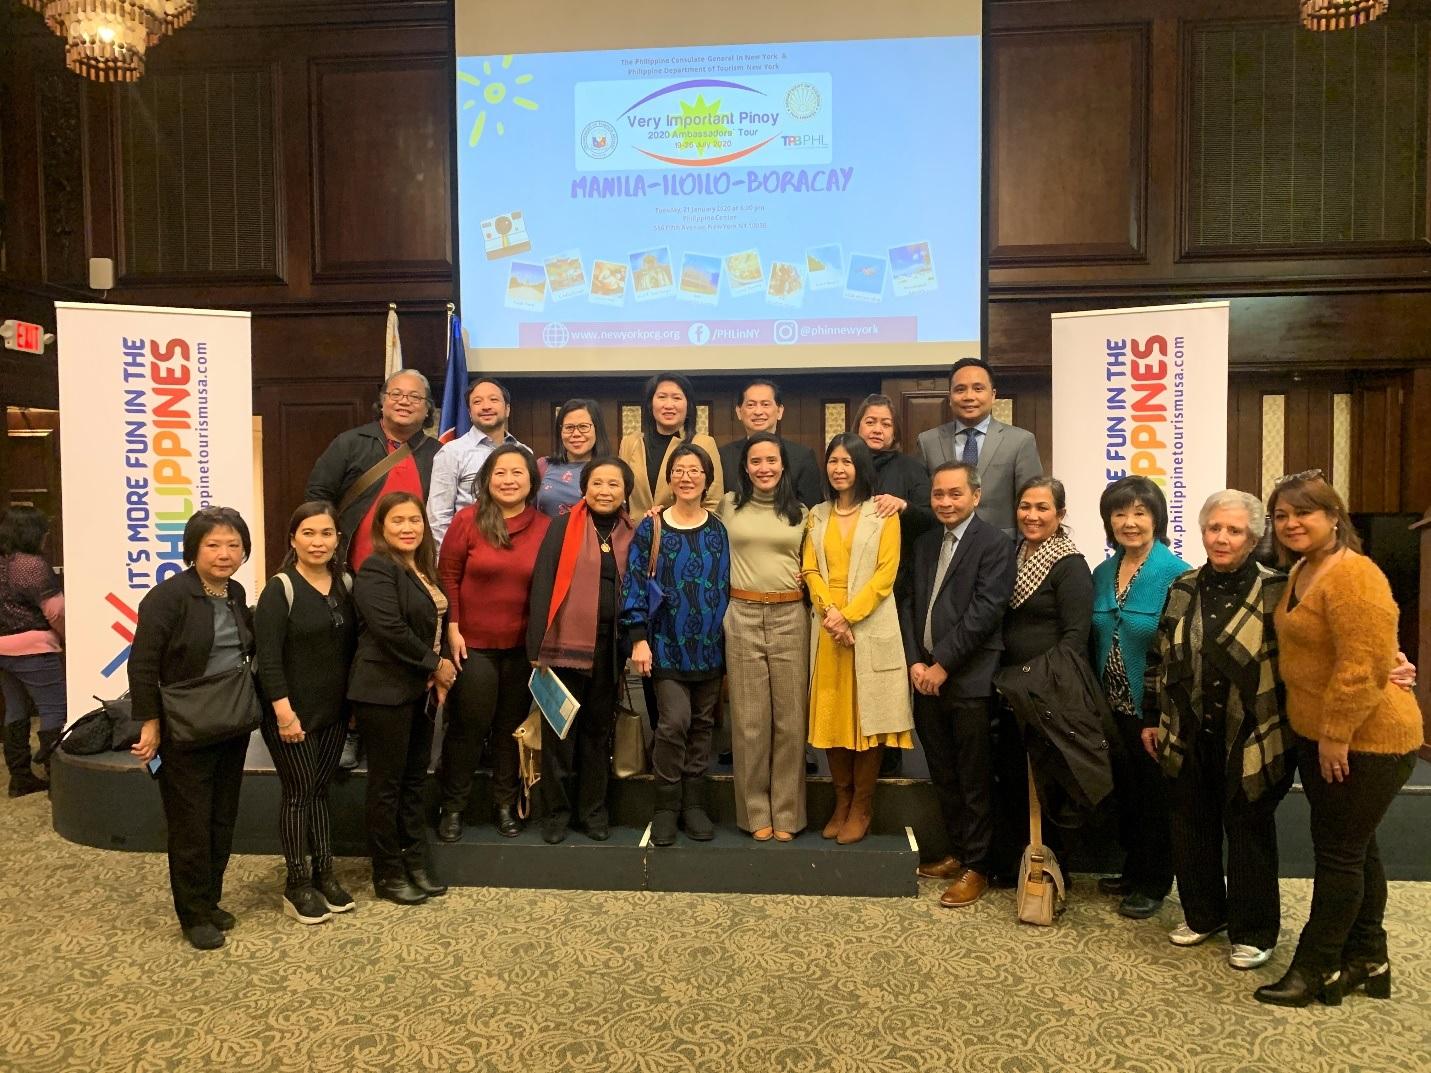 2020 VIP Tour Launched in New York Destination: Manila-Iloilo-Boracay